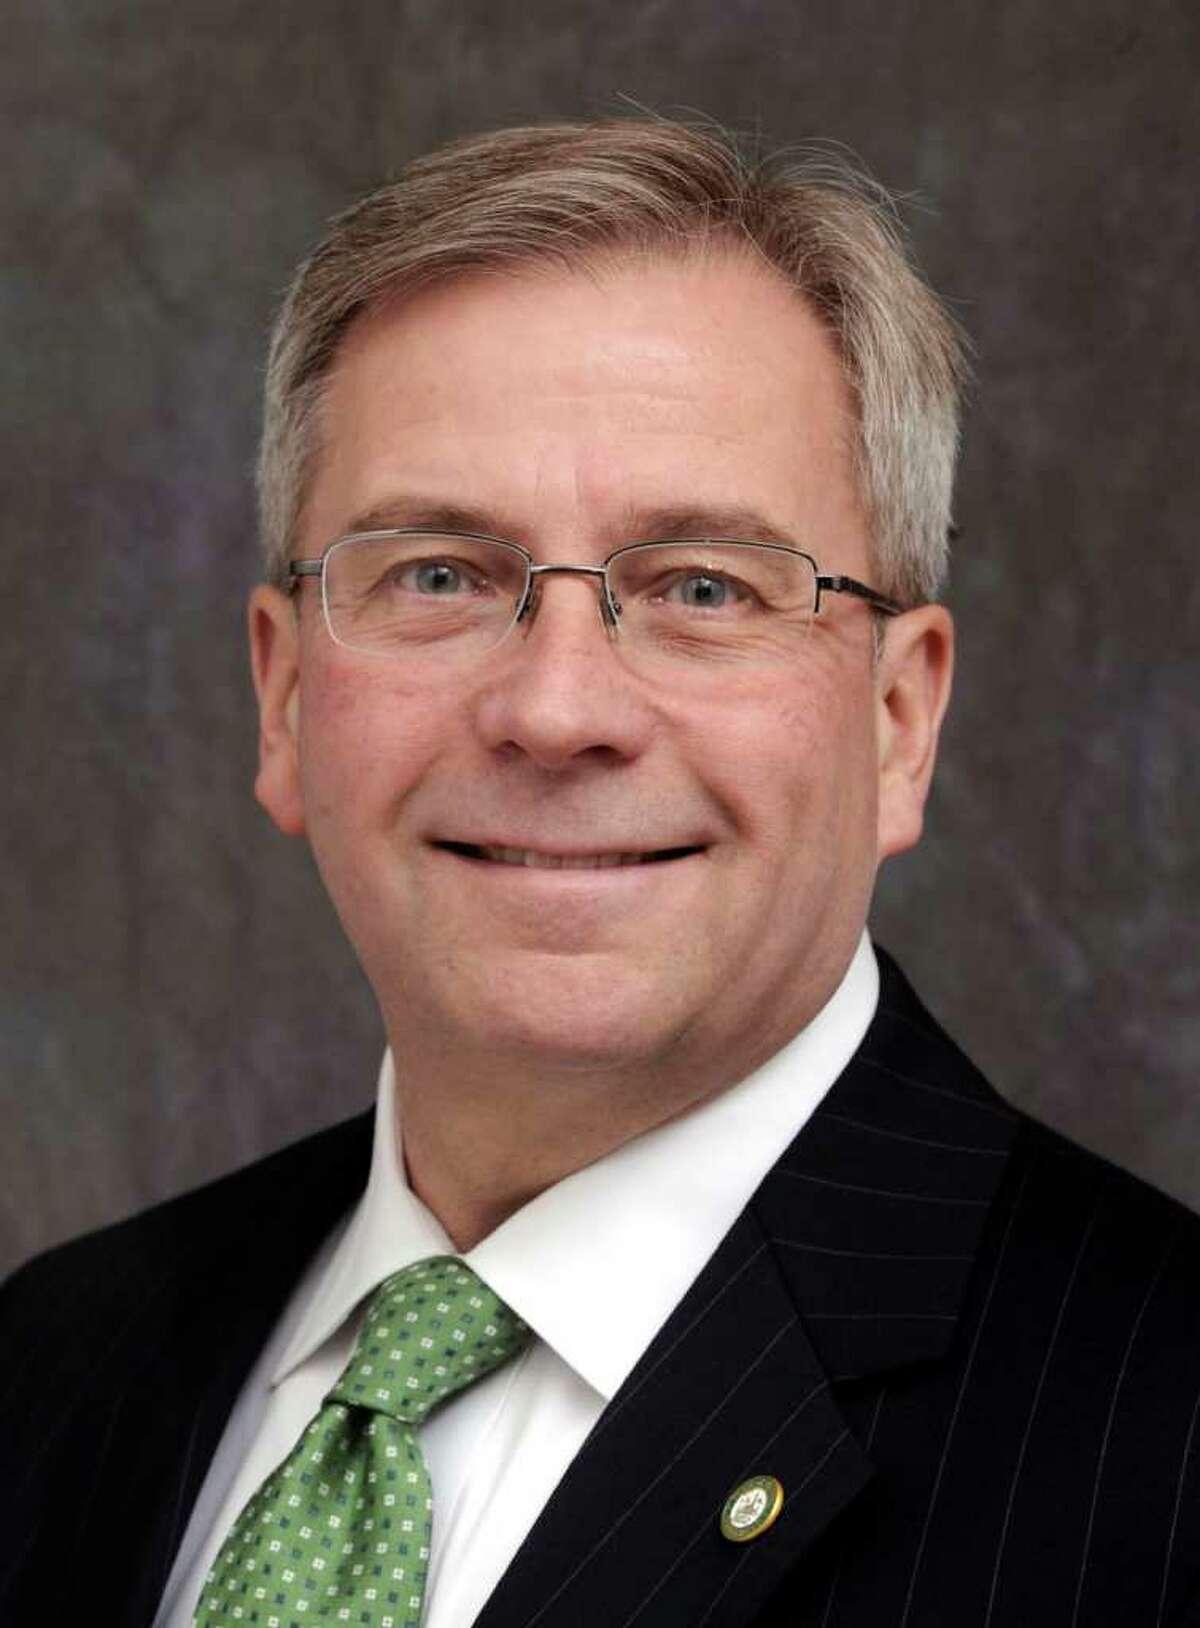 Bethel First Selectman, Matthew Knickerbocker